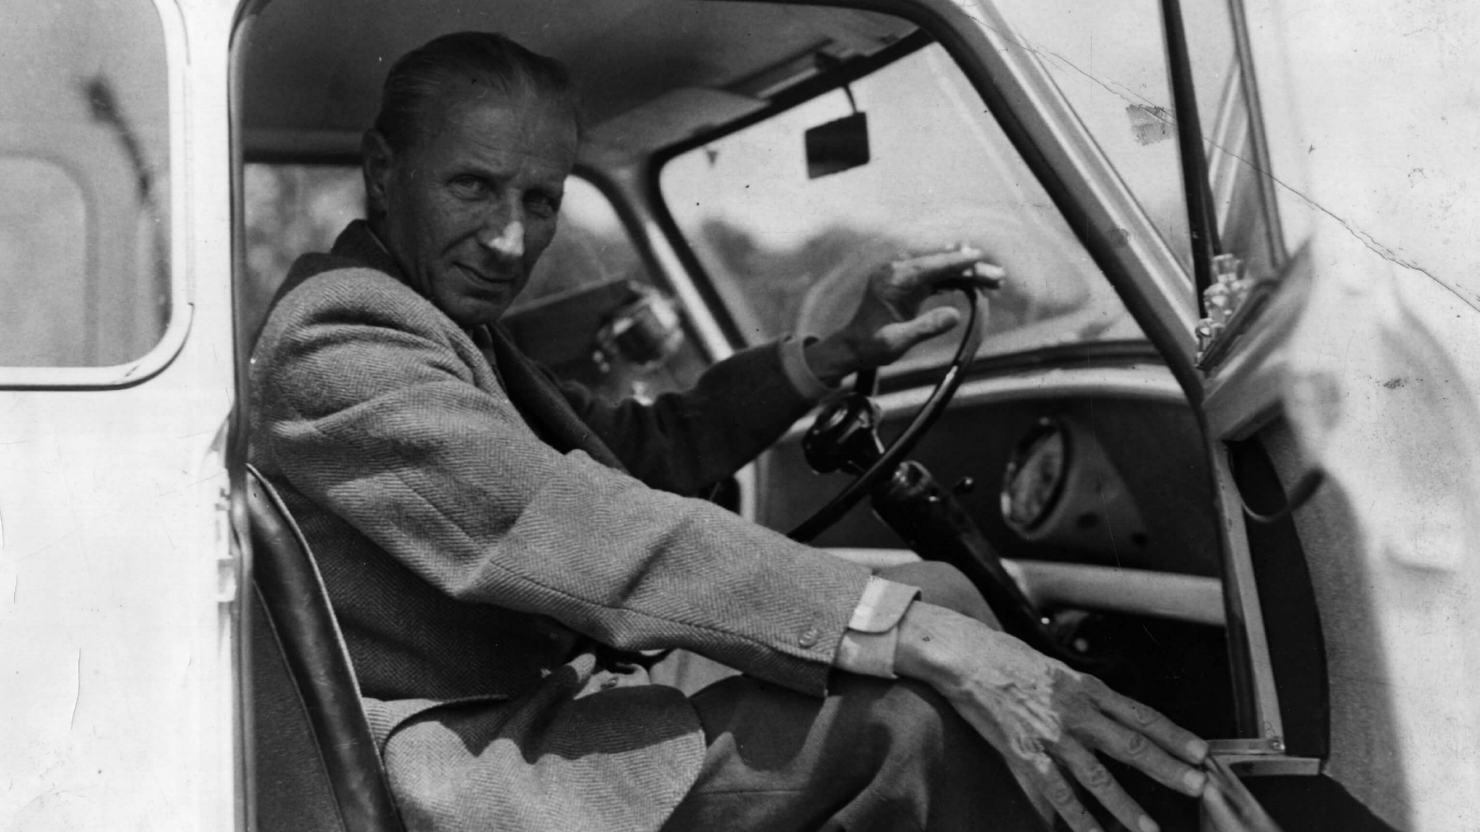 Ο Ισιγώνης στη θέση του οδηγού, σε ένα αυτοκίνητο Mini